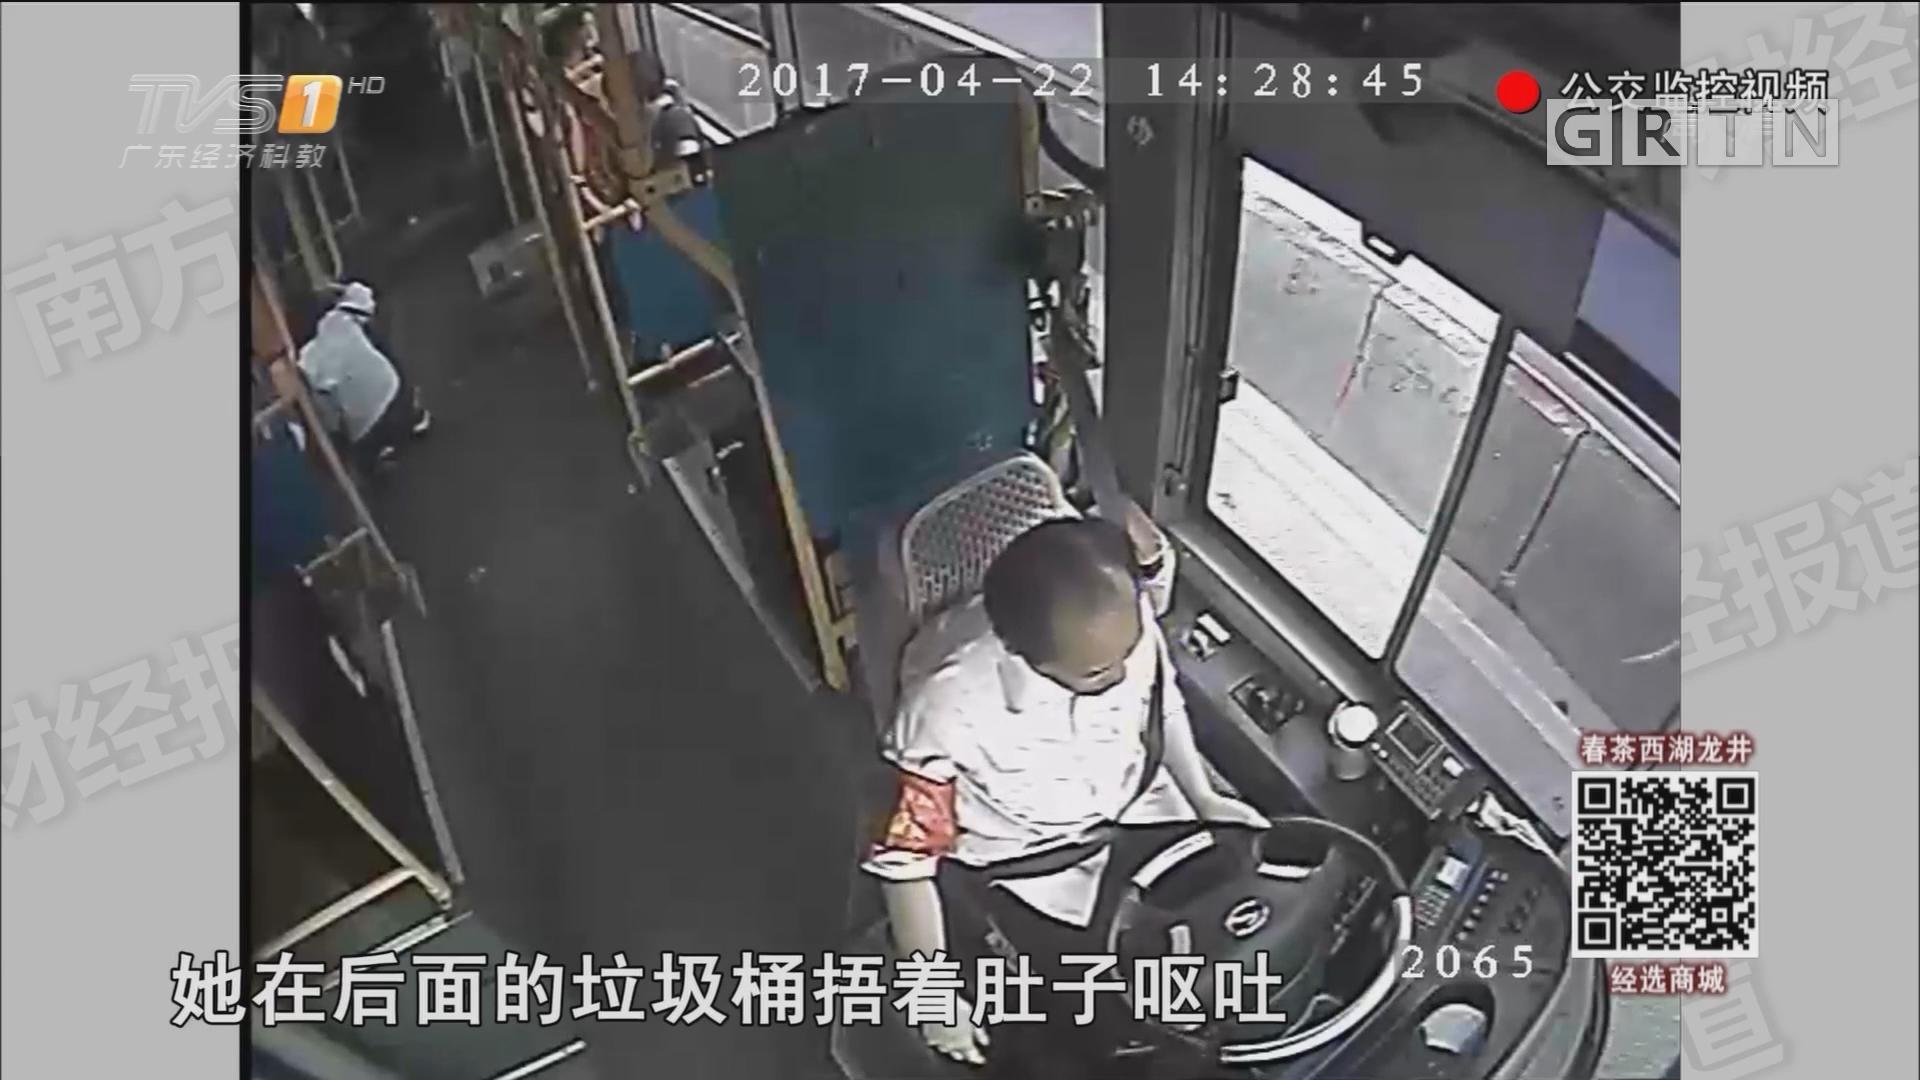 最美街坊:广州女子公交车上突吐血 司机绕路紧急送医